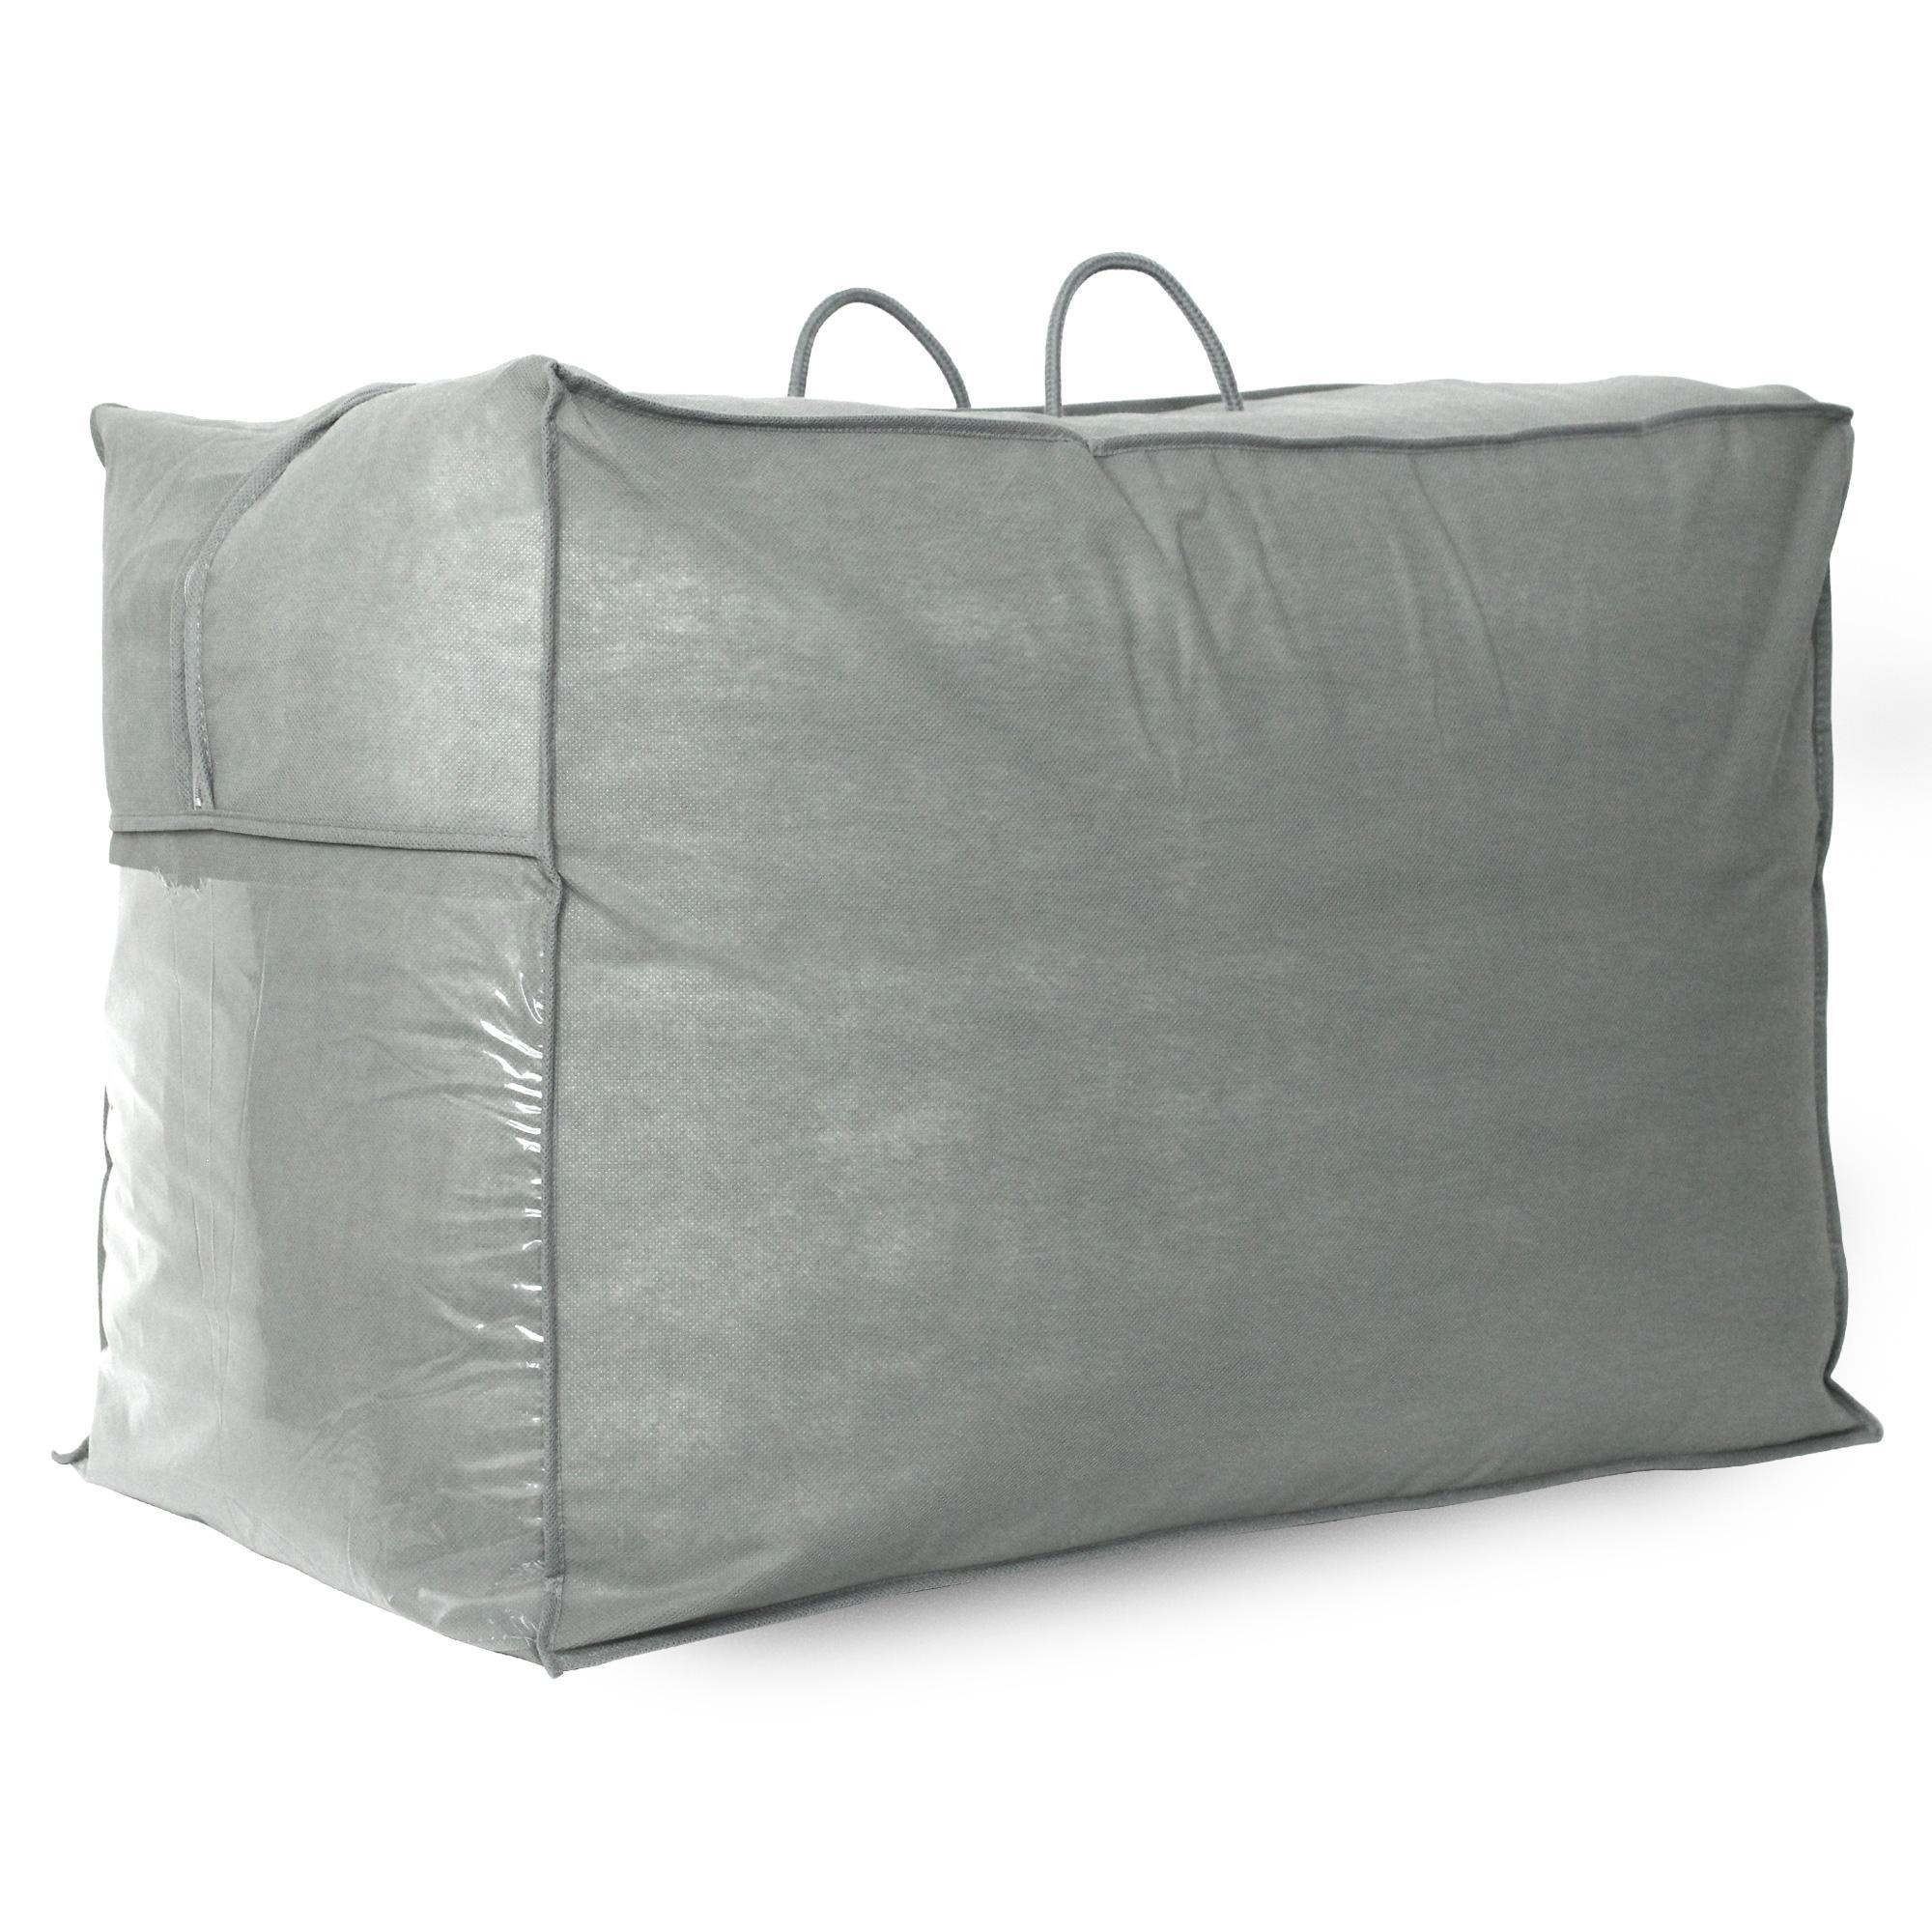 couette 300x240 cm elsa 4 saisons 200 g m2 300 g m2 500 g m2 fibre creuse polyester. Black Bedroom Furniture Sets. Home Design Ideas